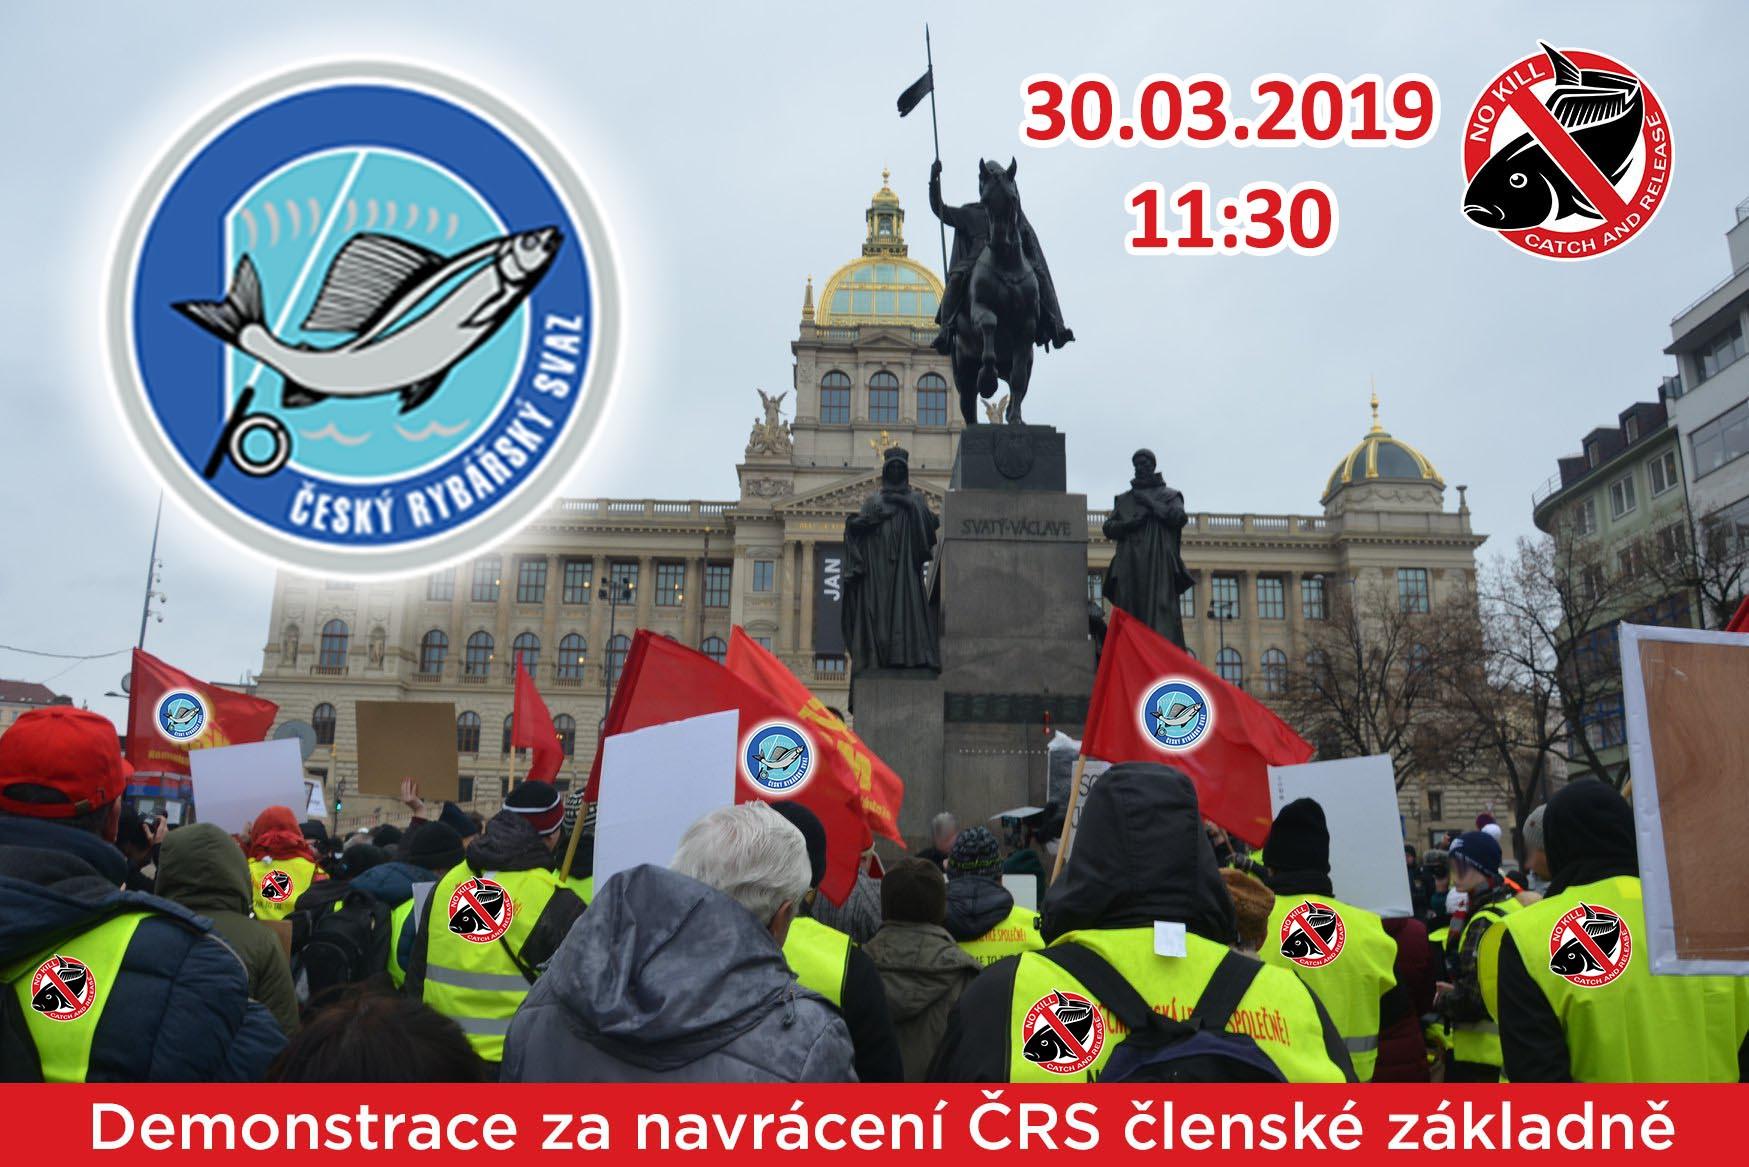 Oznámení demonstrace za navrácení ČRS členské základně